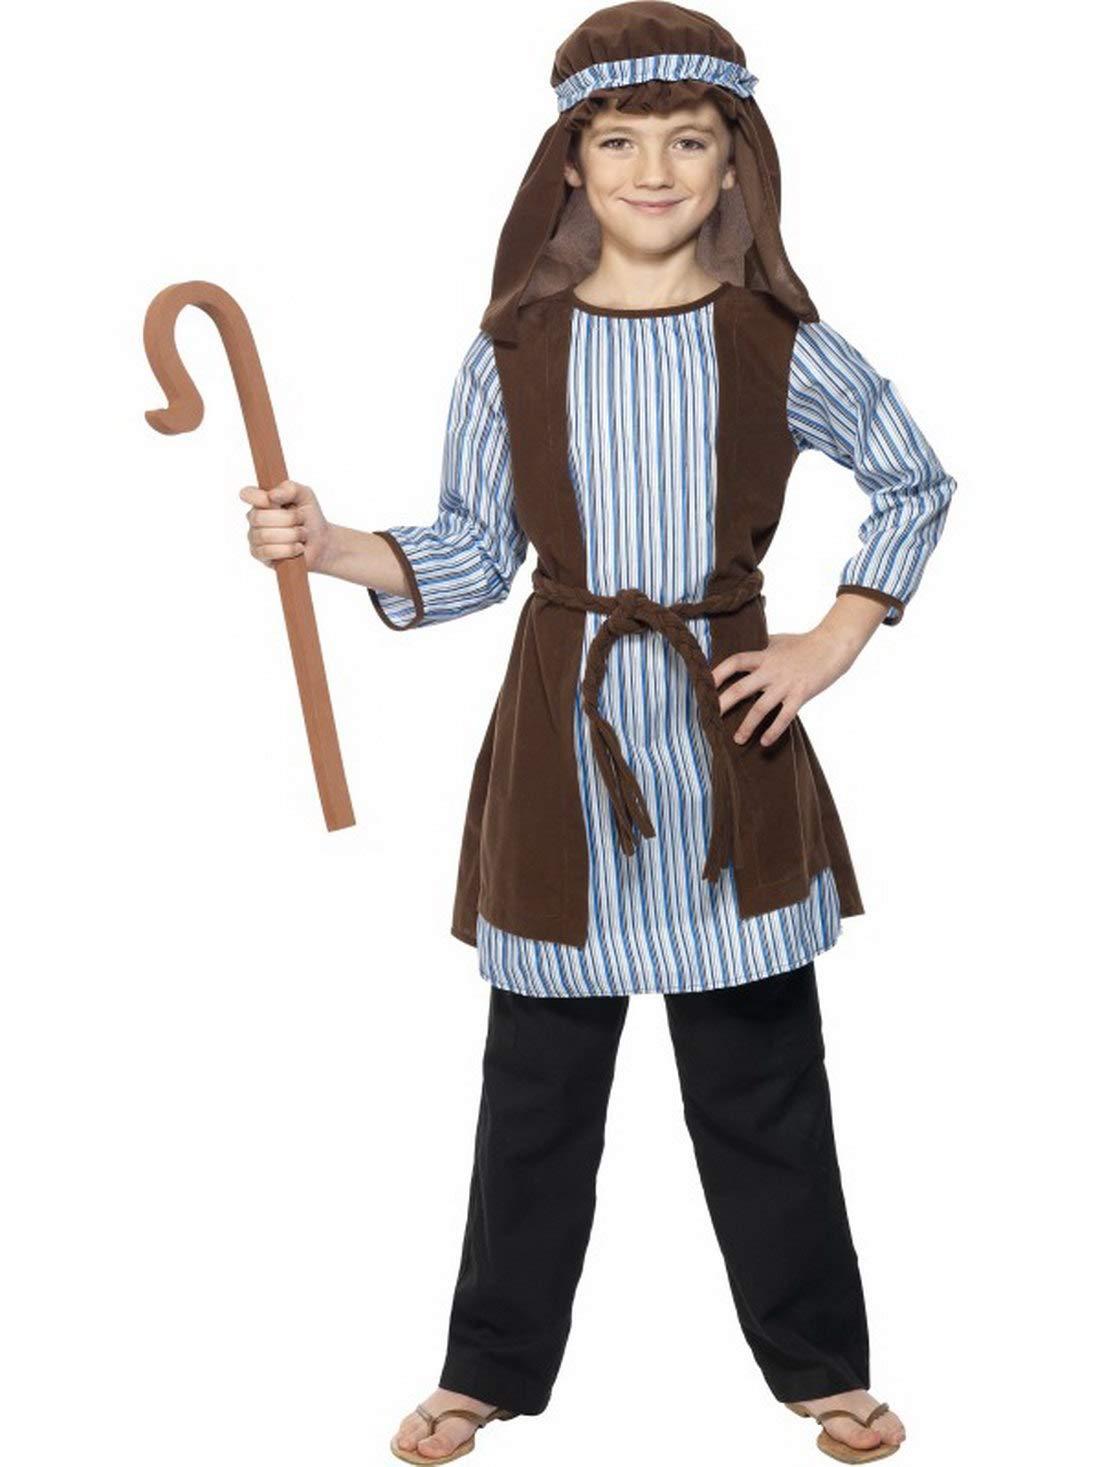 Halloweenia - Disfraz Infantil Pastor para el belén Juego ...